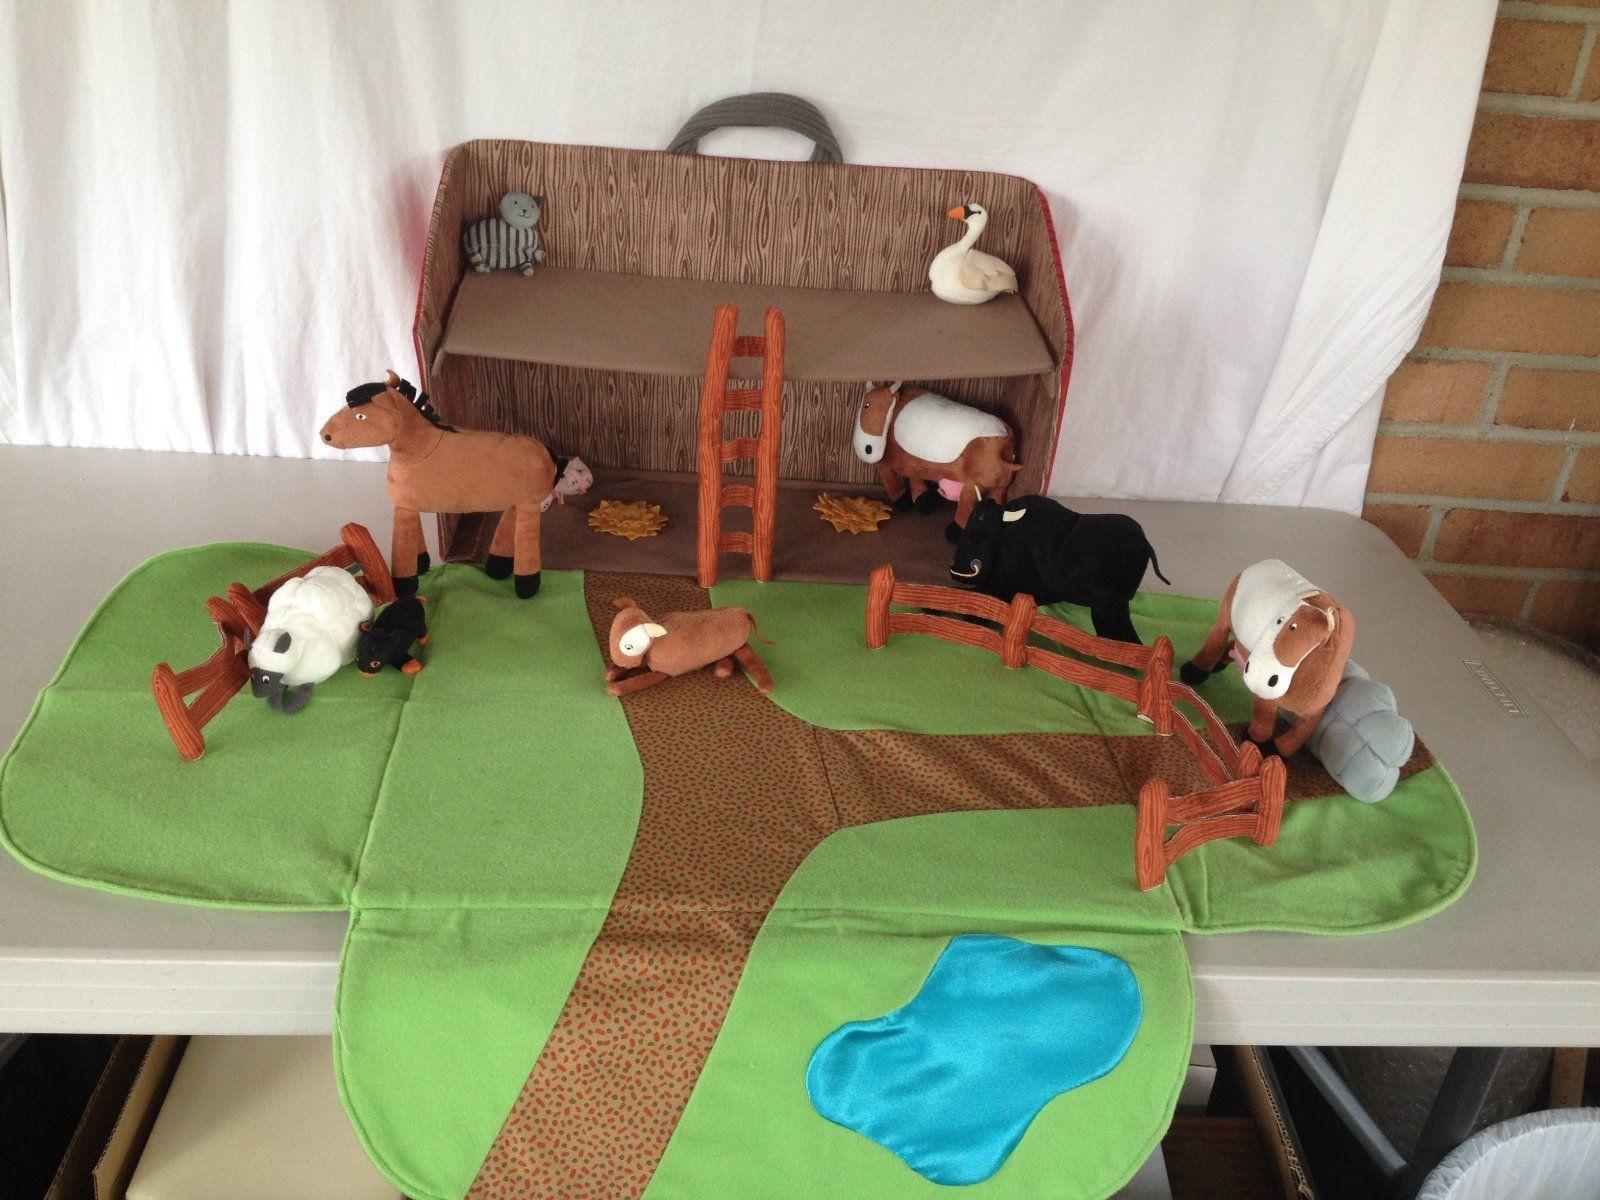 Ikea Soft Play Toy Farmhouse With Animals Animal Barn Farm